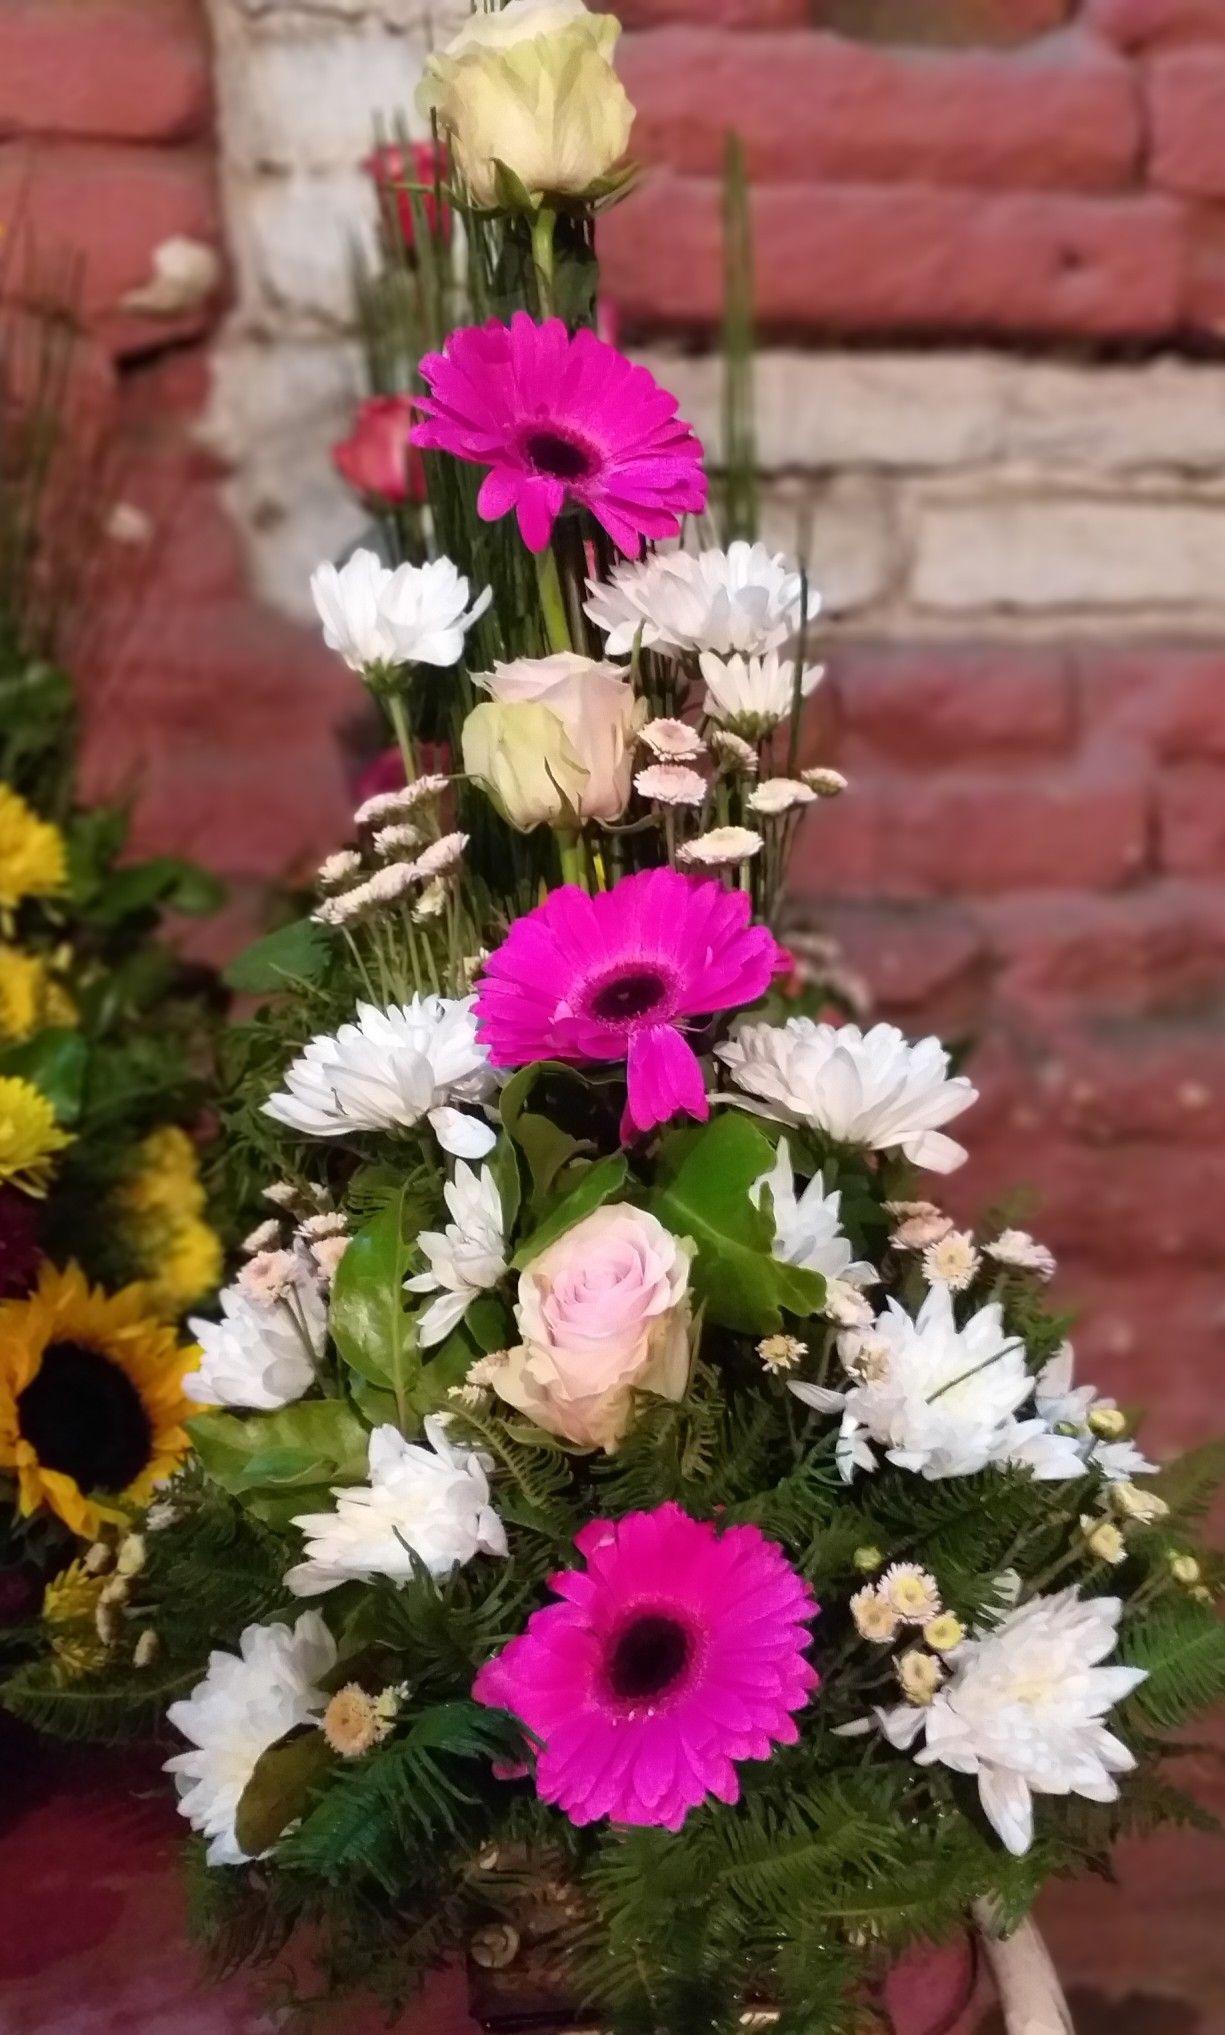 Pin de Manualidades Yamilu en arreglos florales Arreglos